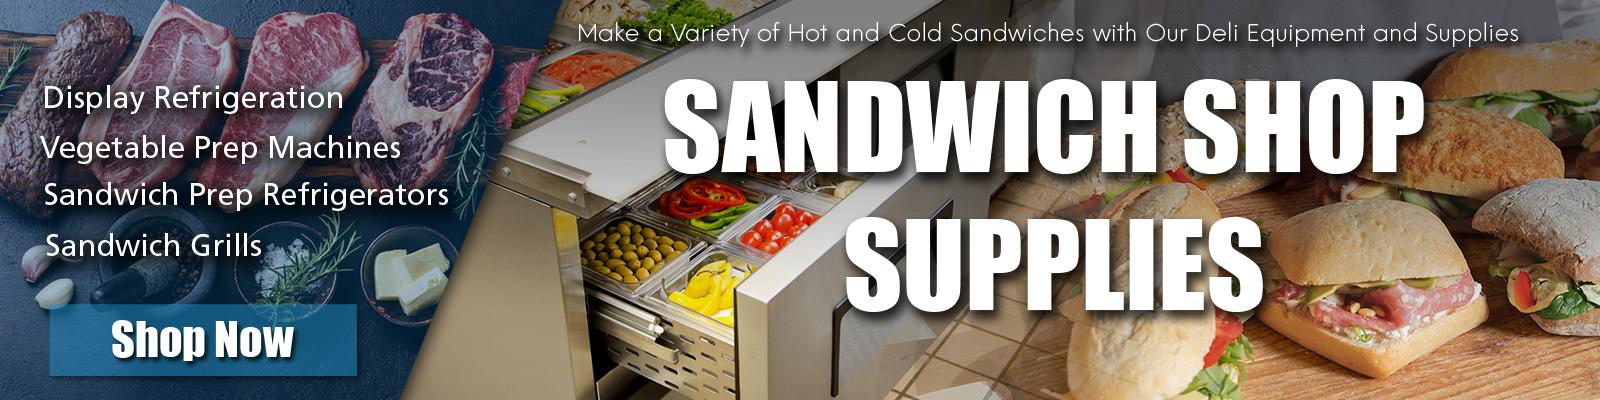 Commercial Sandwich Shop Equipment, Sandwich Shop Supplies